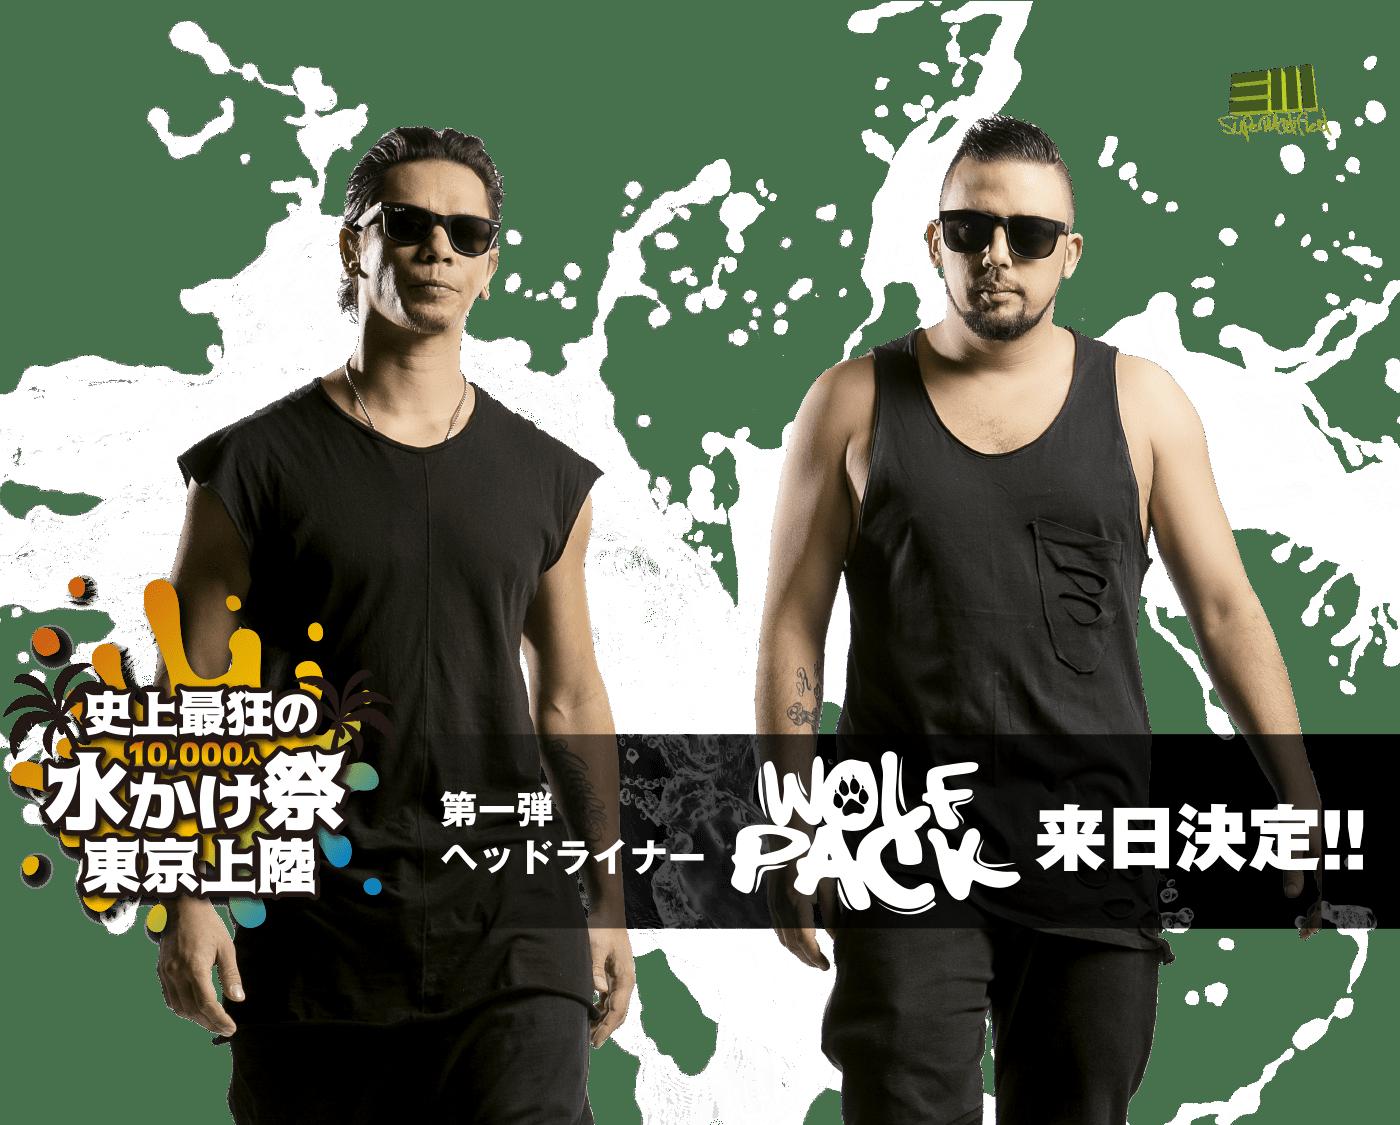 WATERWARS 2016 TOKYO wolfpack